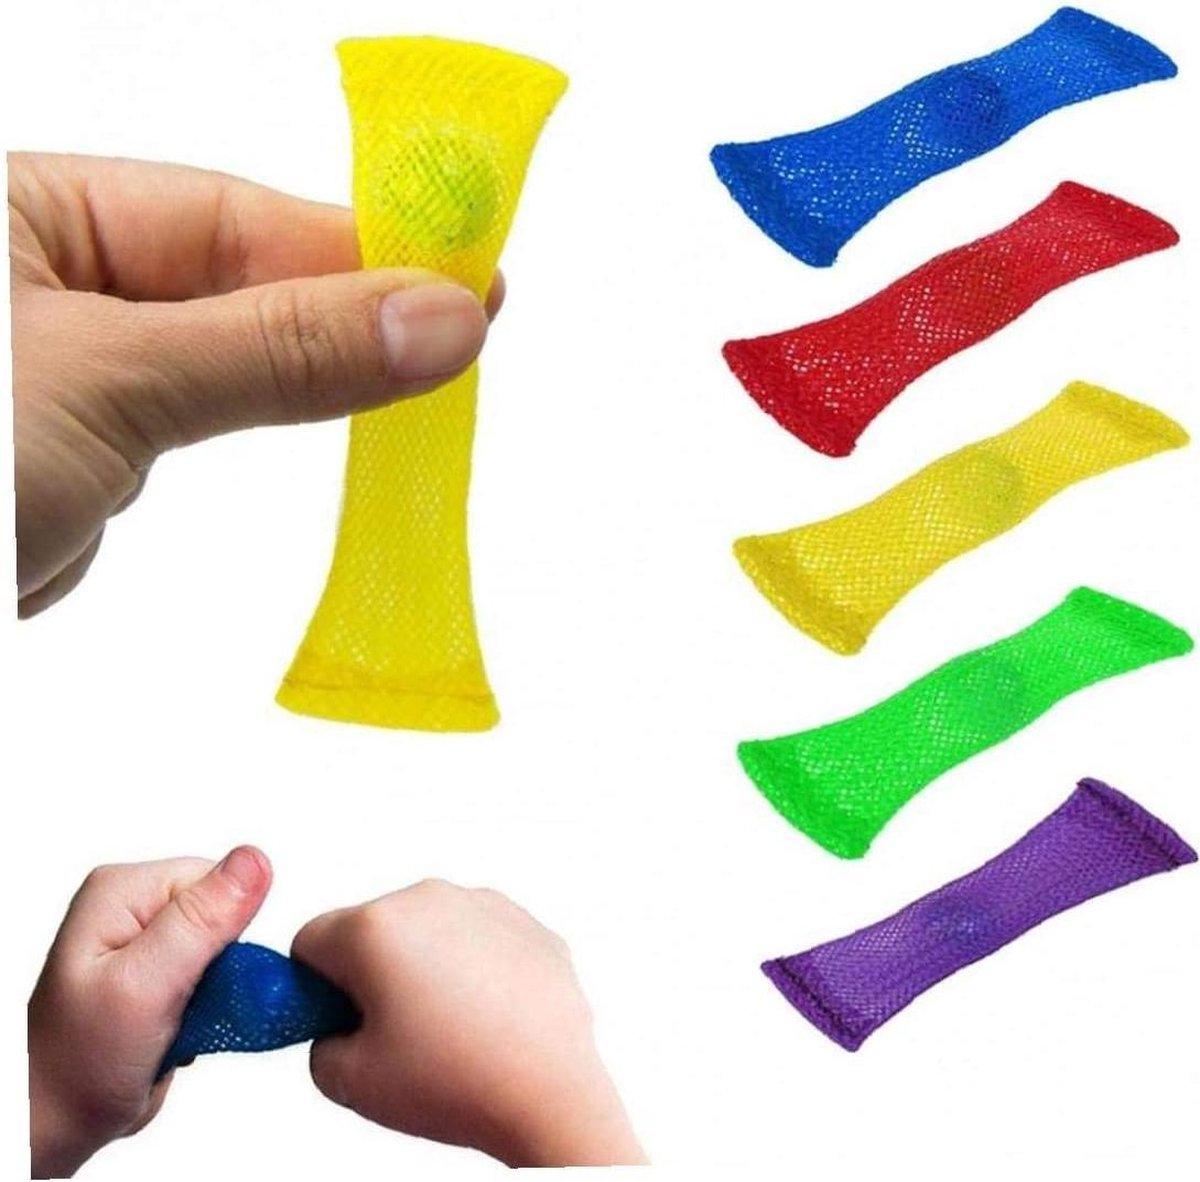 Geen merk - Mesh and Marble - Fidget Toys - Pop it - 5 STUKS - MEHMIES